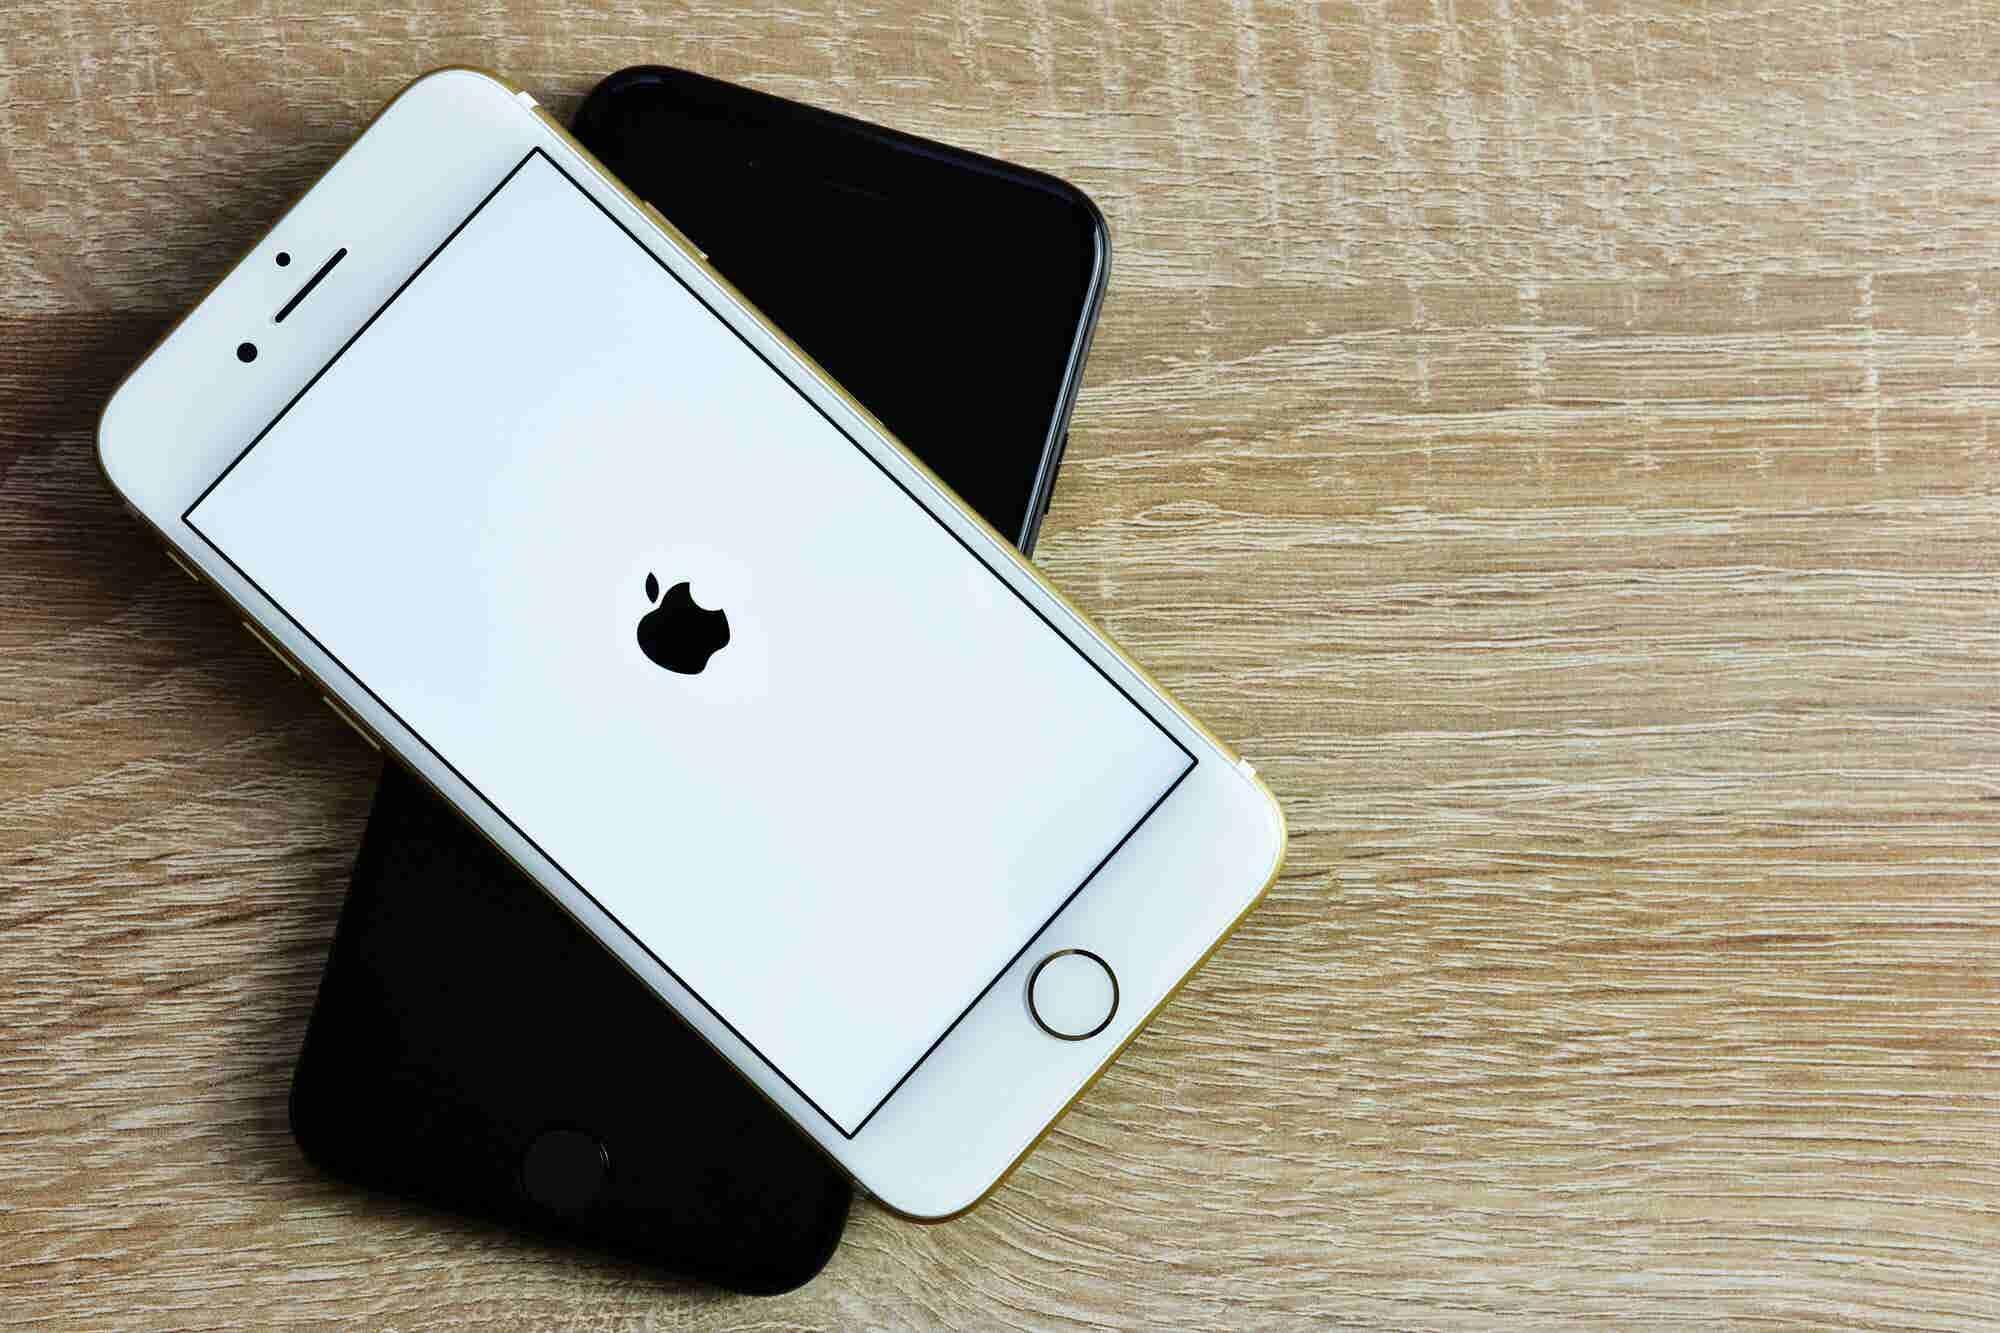 Conoce al iPhone Xr (el más barato de Apple) y todas sus demás novedades